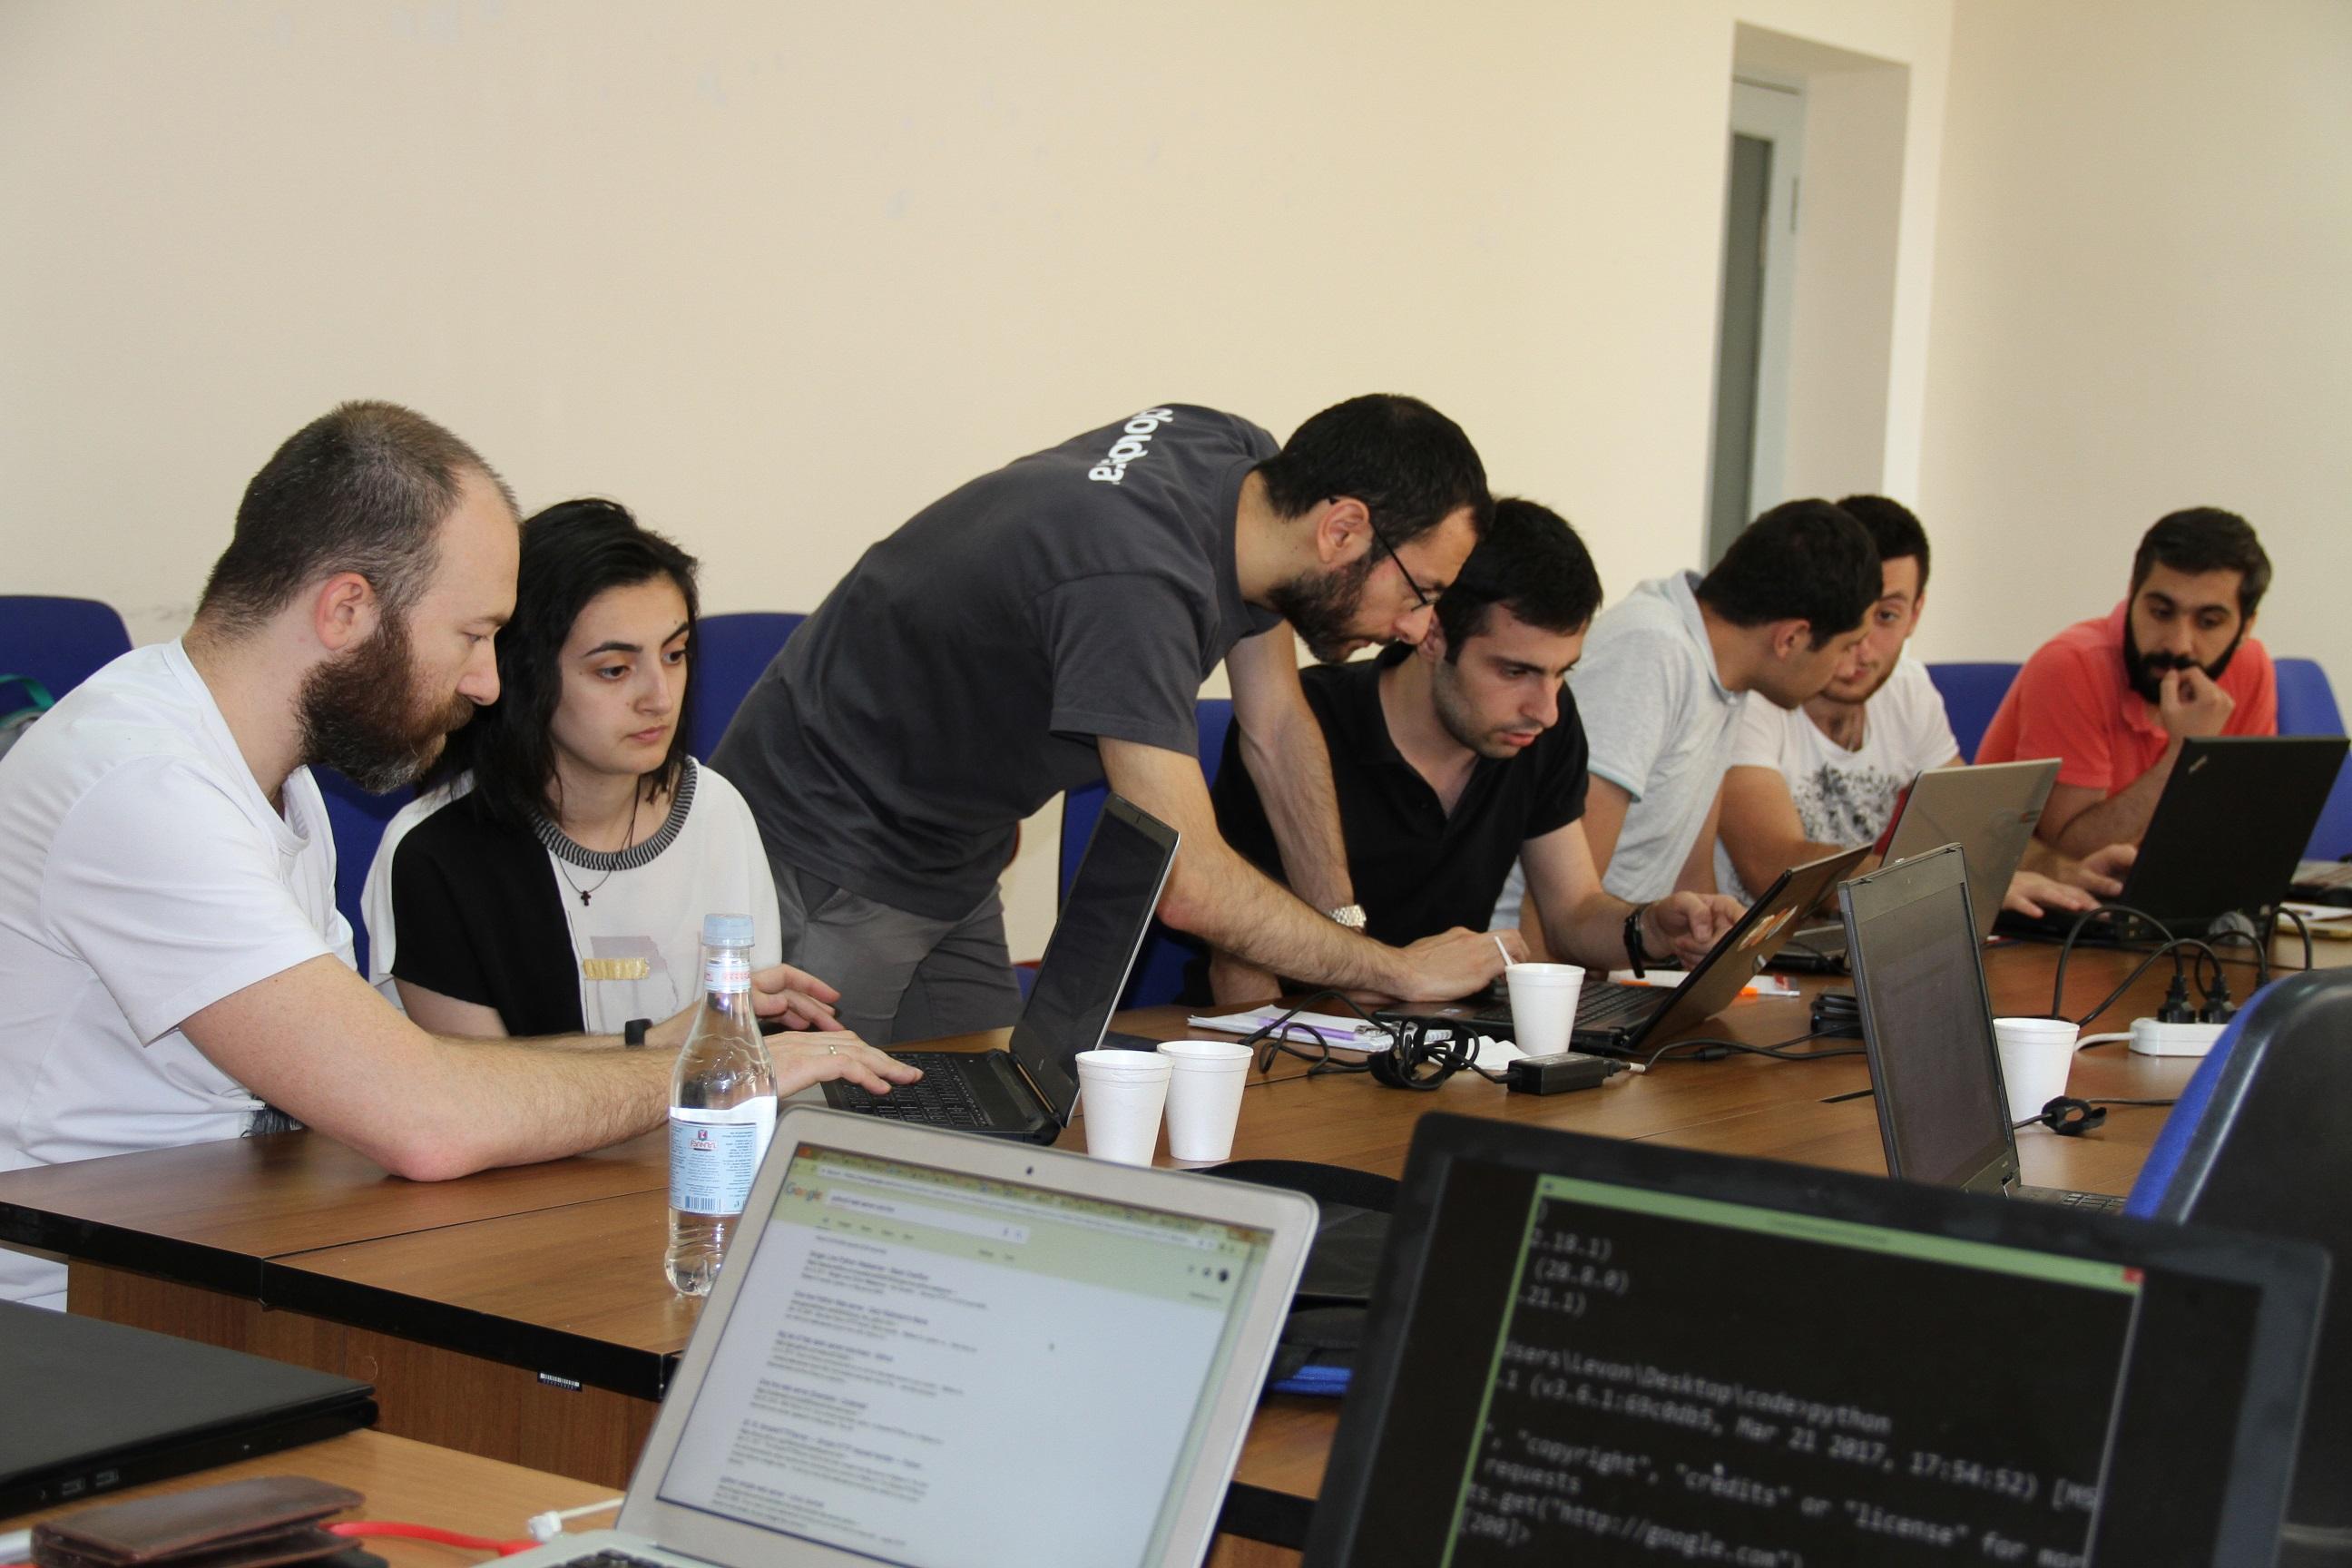 В Beeline прошел мастер-класс по языку программирования Python для армянских IT-специалистов